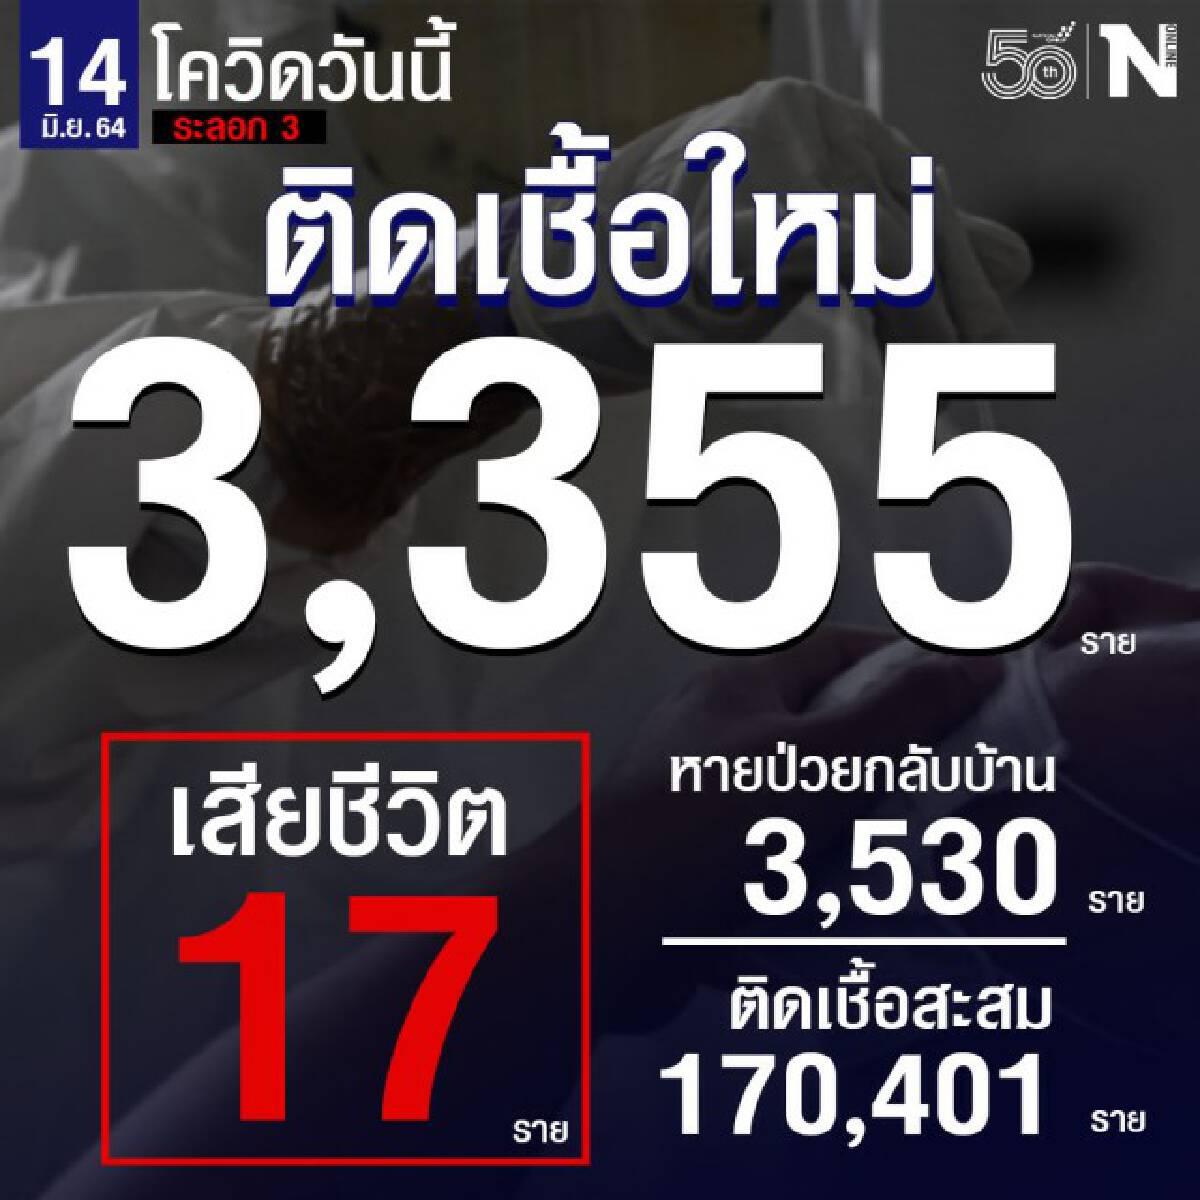 ศบค. เผยยอดผู้ติดเชื้อรายใหม่  3,355 ราย เสียชีวิต 17 ราย หายป่วยกลับบ้าน 3,530 ราย